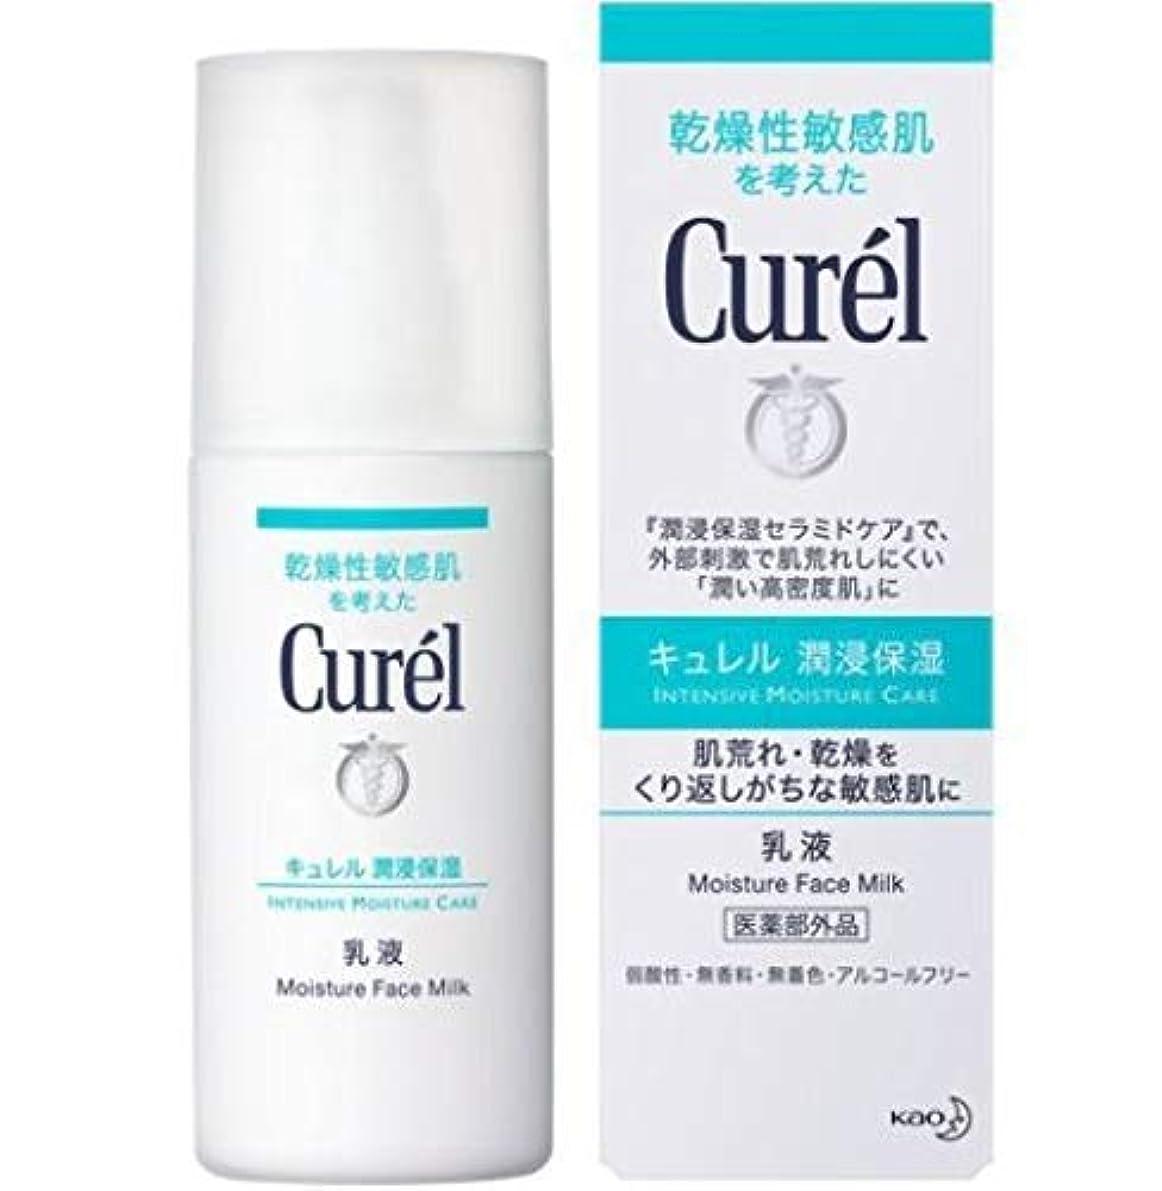 ライブ社員ボートCurél キュレルの保湿集中治療保湿フェイスミルクは120ミリリットルは、お肌の自然なバリア機能を向上させ落ち着かせると乾燥から肌を保護するために-helps